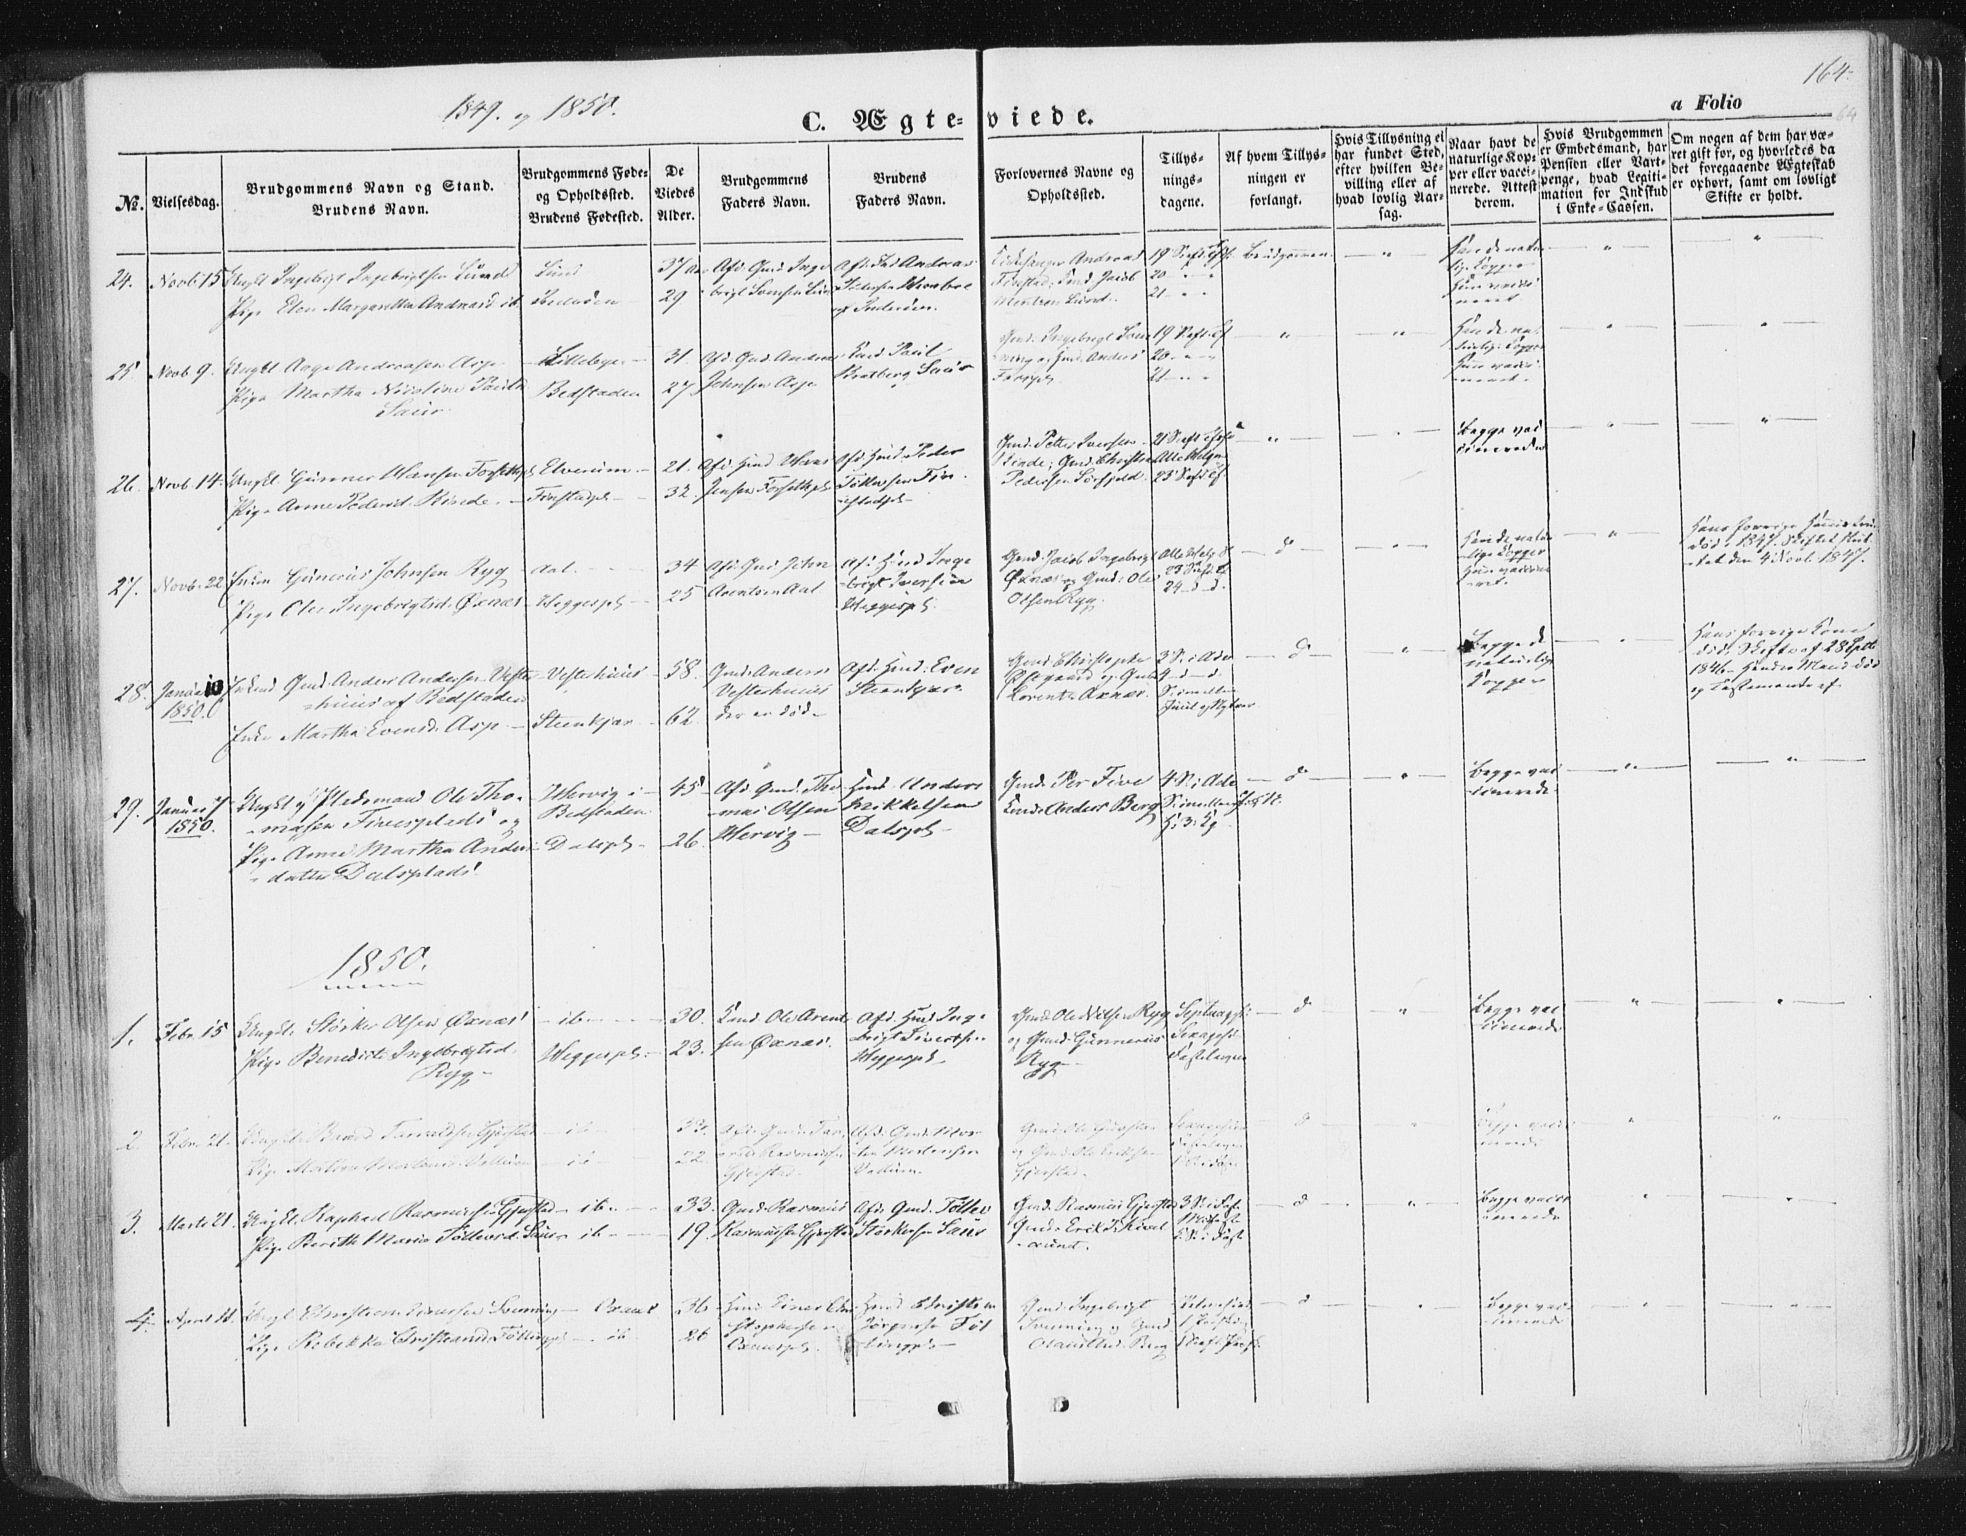 SAT, Ministerialprotokoller, klokkerbøker og fødselsregistre - Nord-Trøndelag, 746/L0446: Ministerialbok nr. 746A05, 1846-1859, s. 164